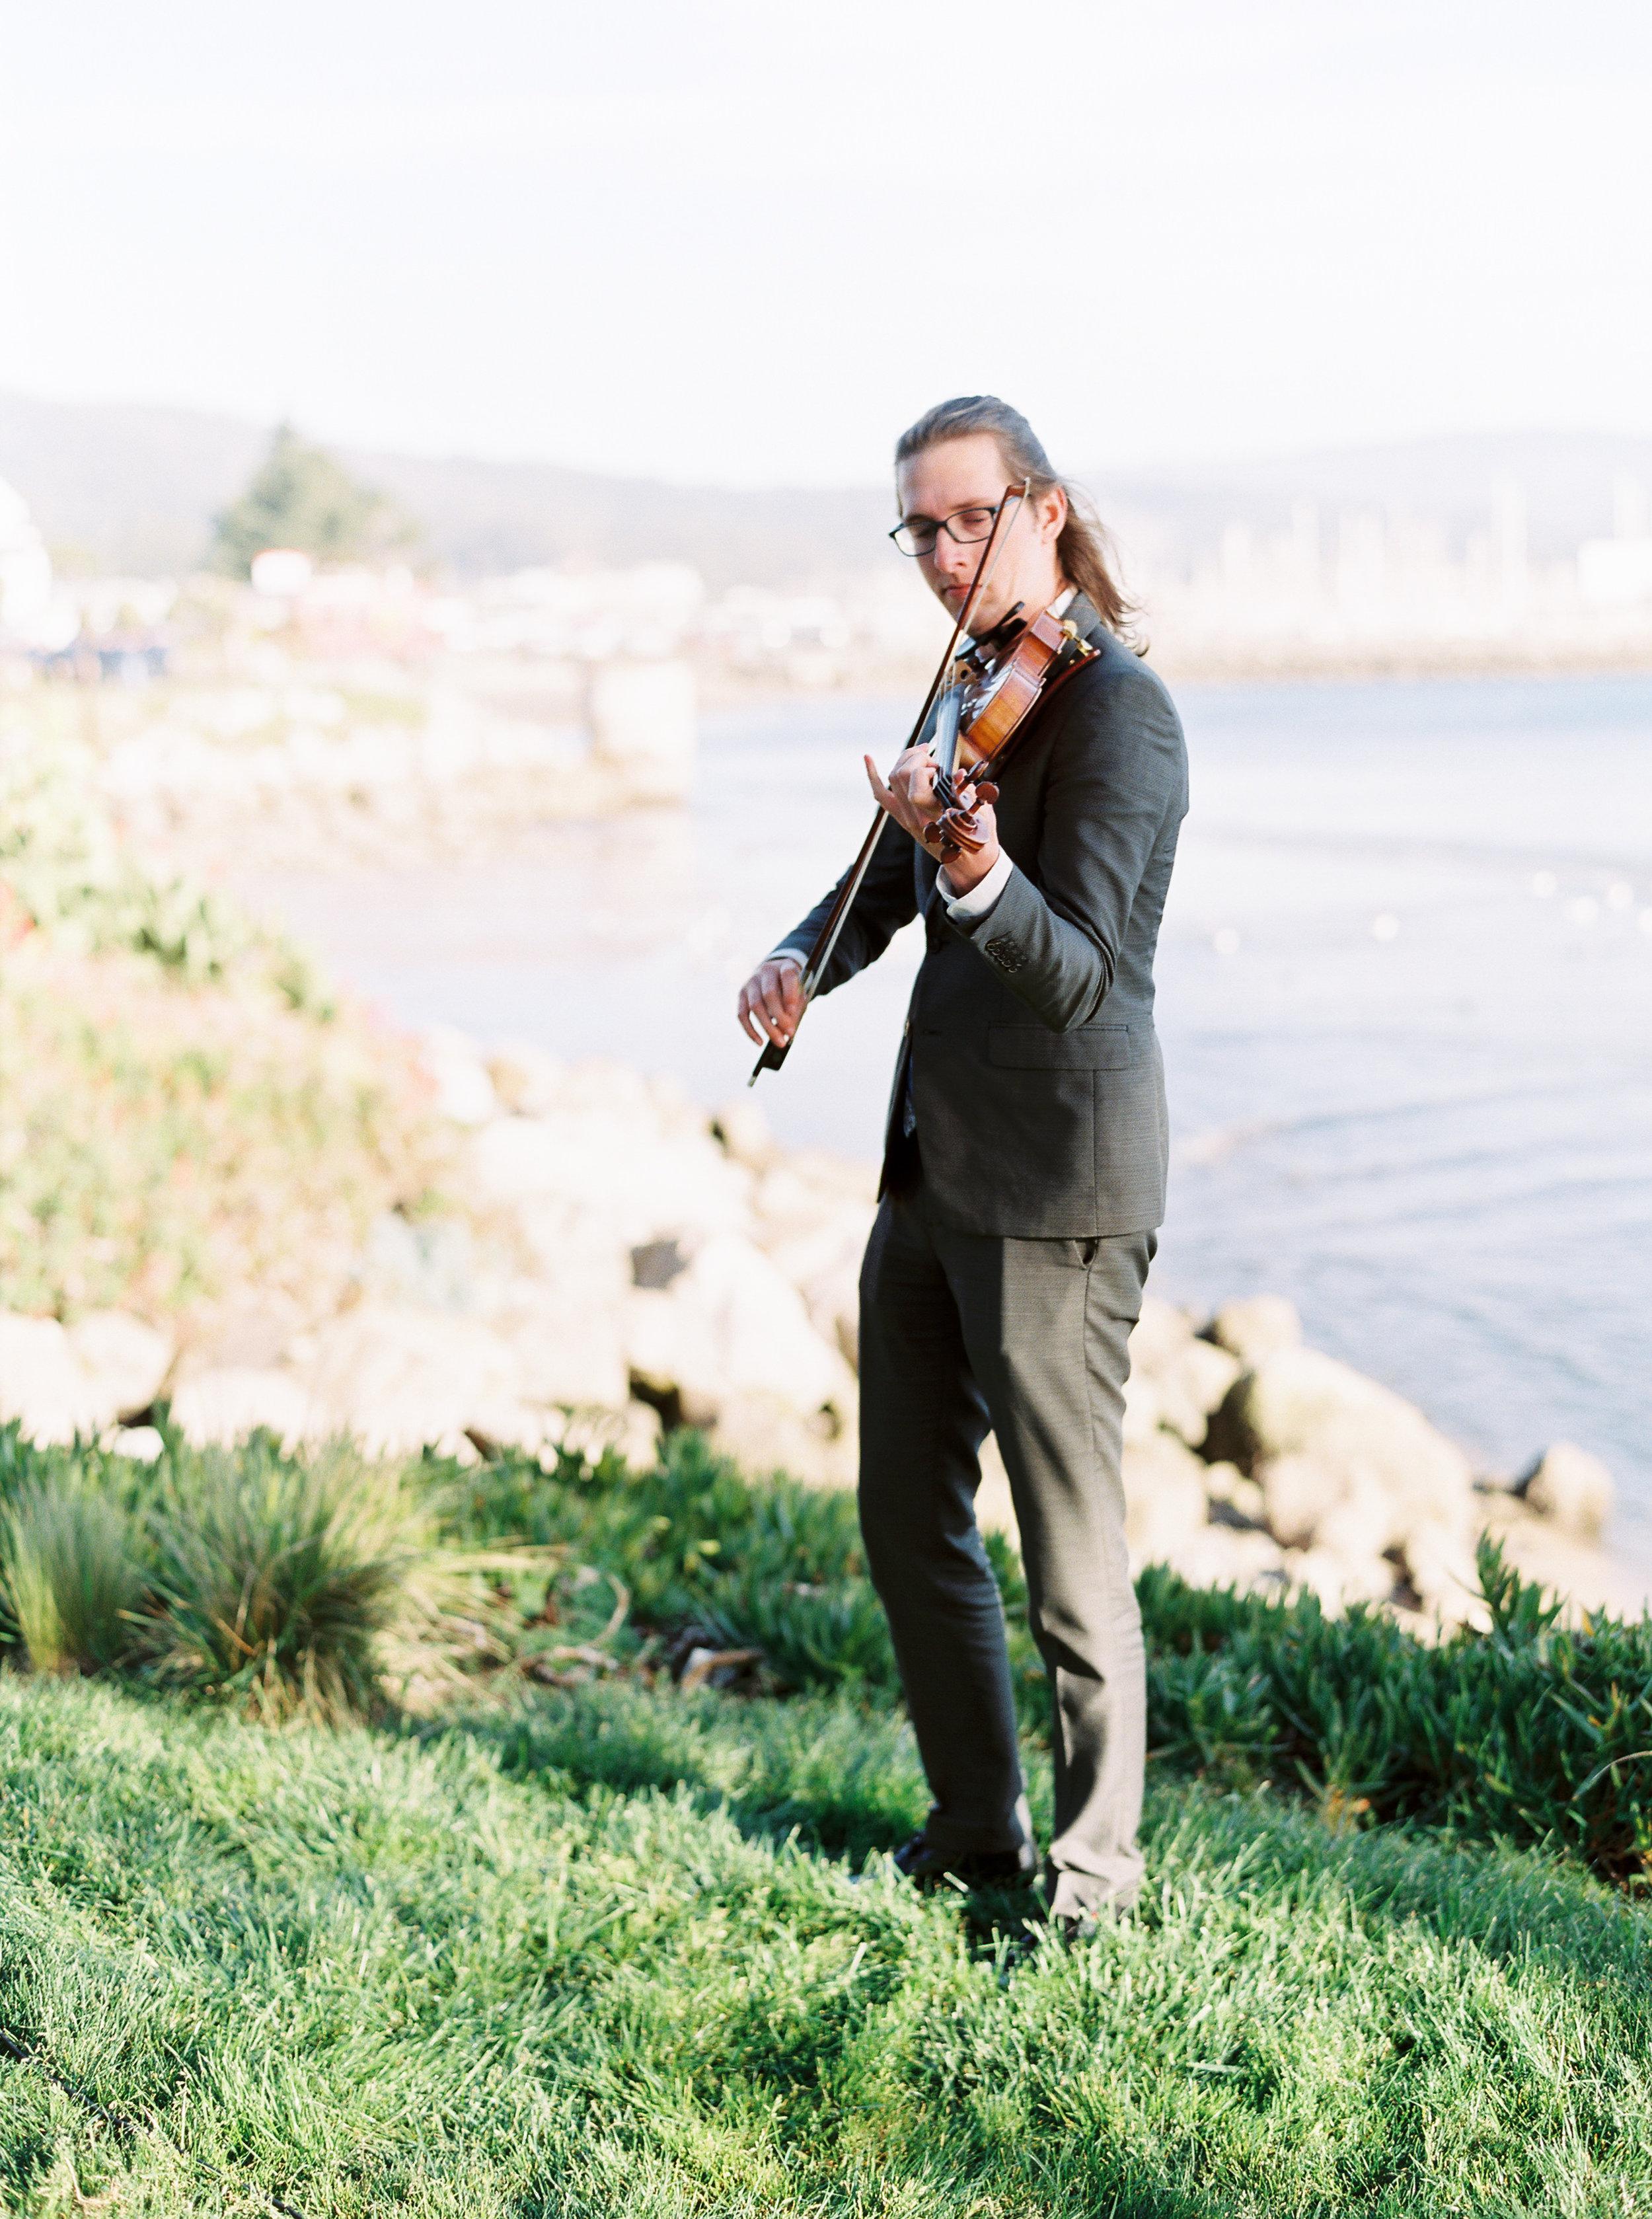 Mavericks-event-center-wedding-in-half-moon-bay-california598.jpg